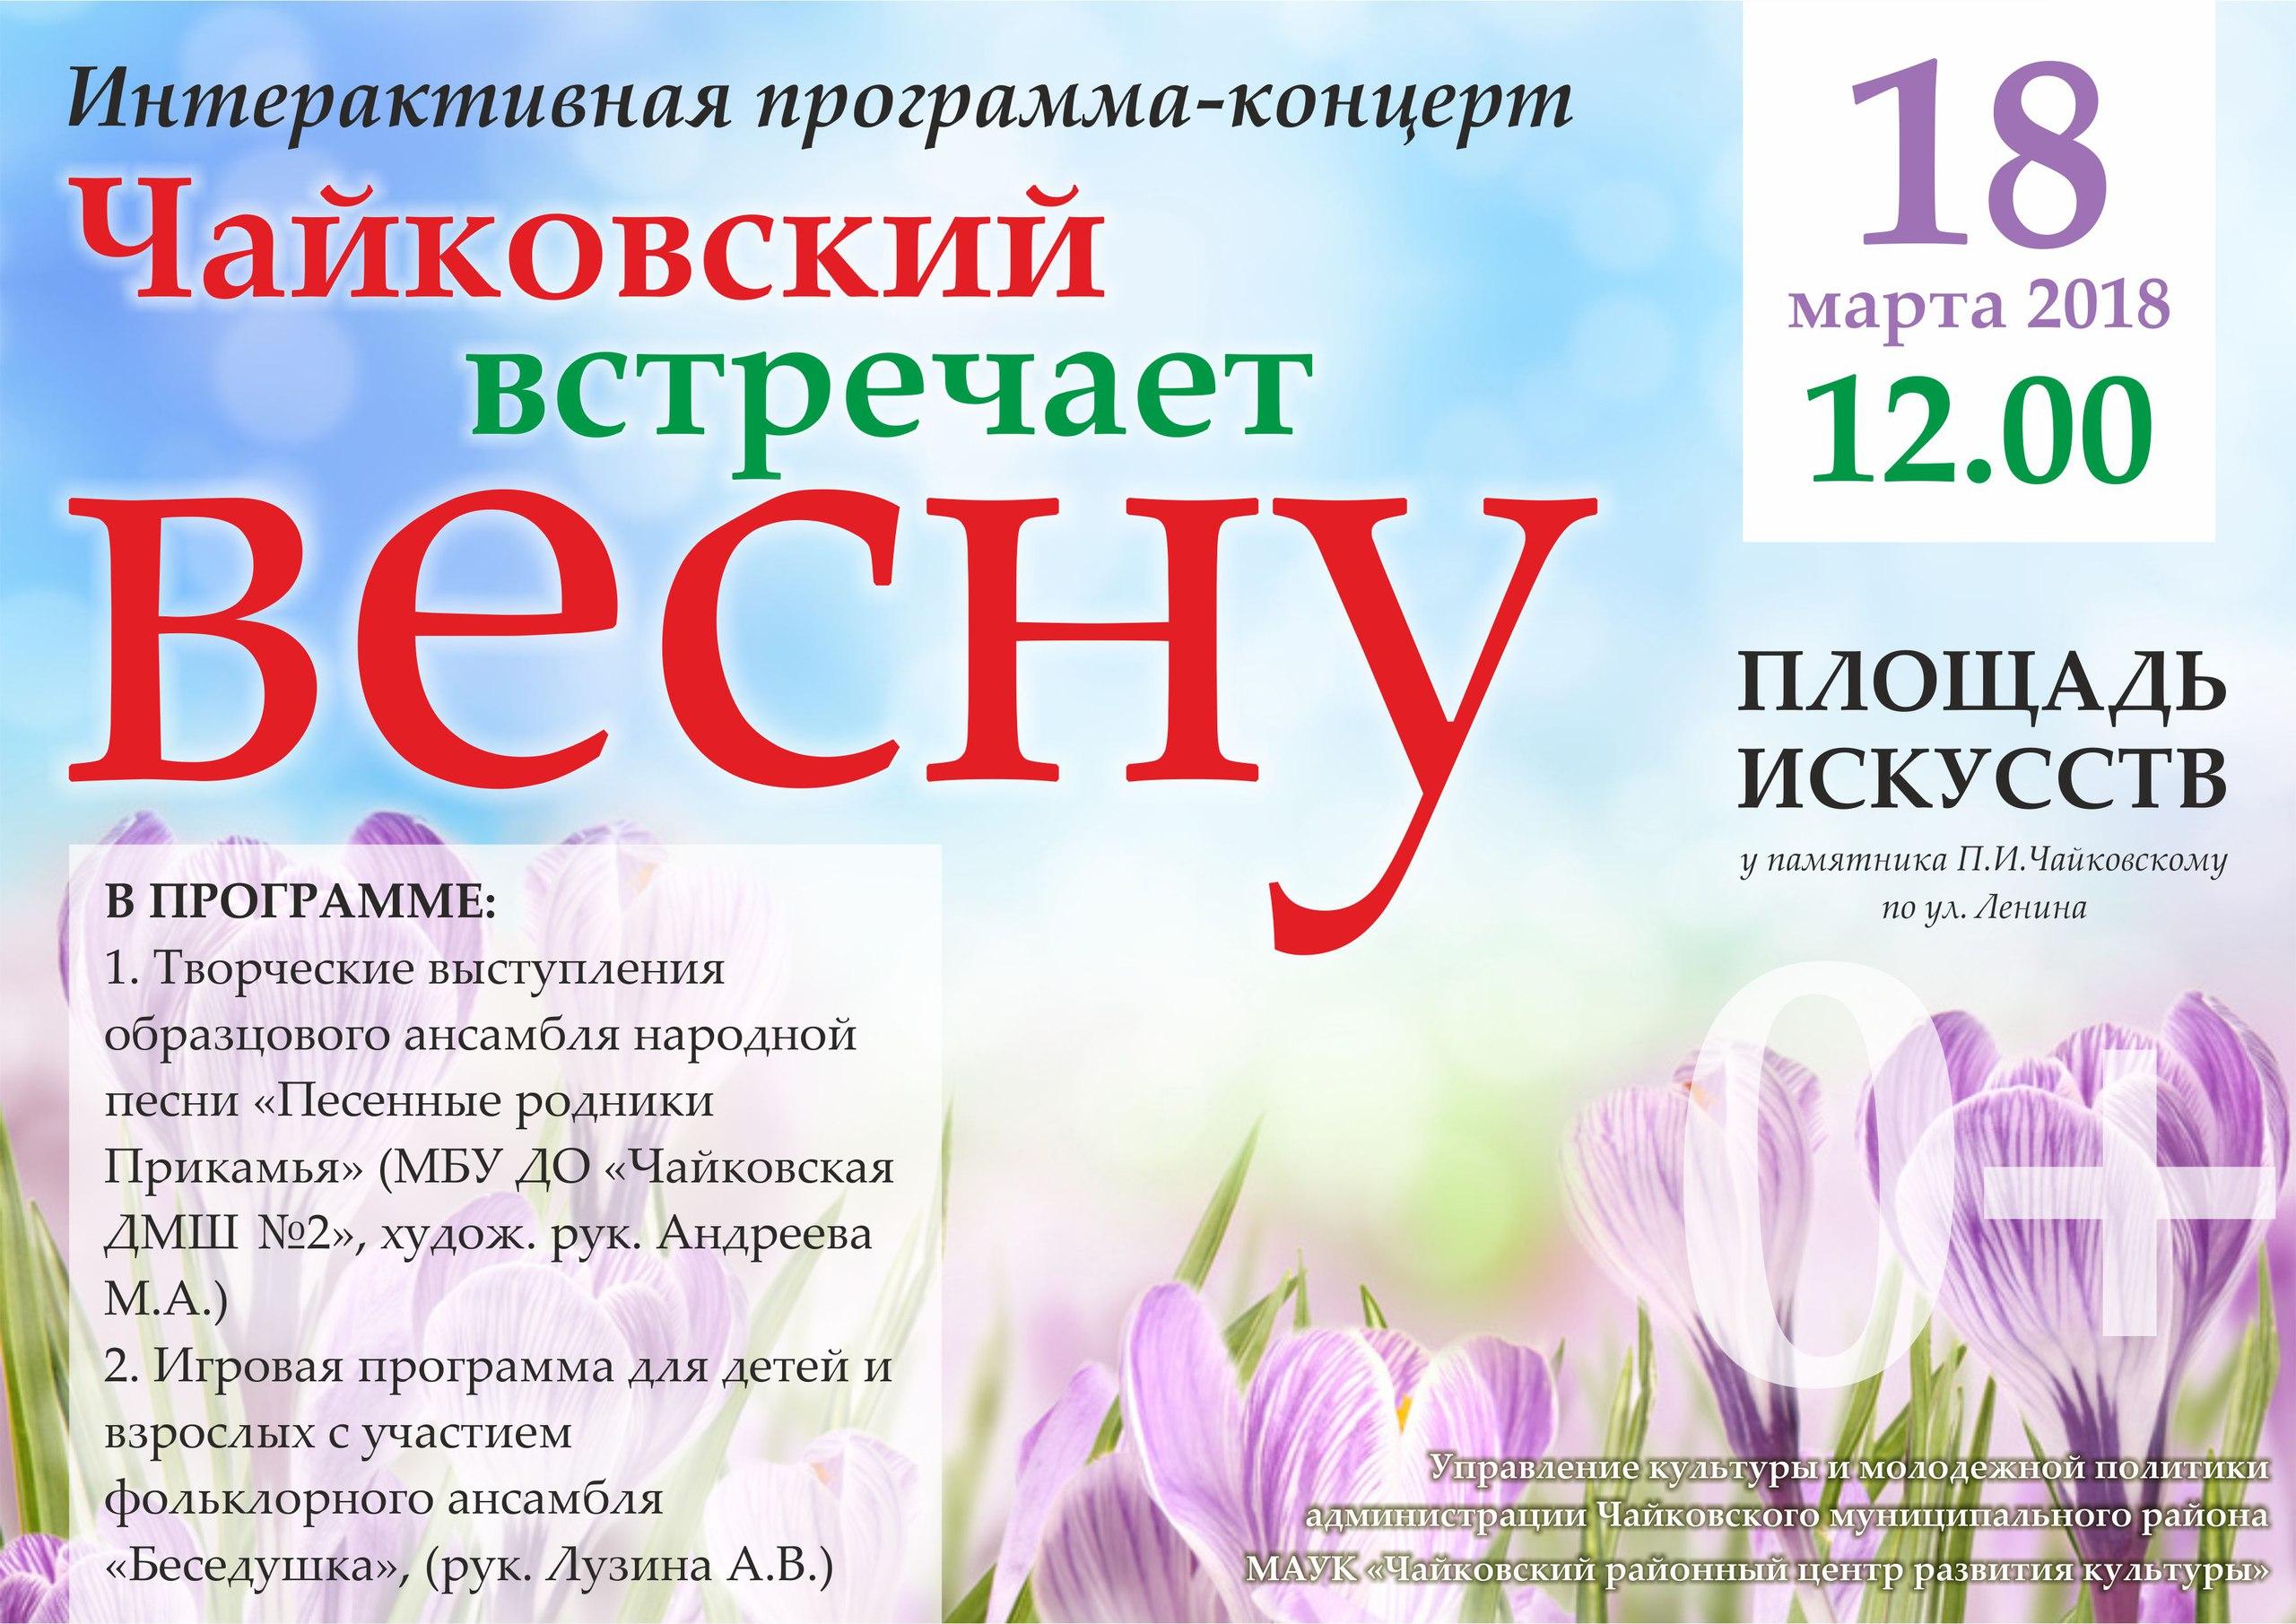 Чайковский встречает весну, афиша 2018 год